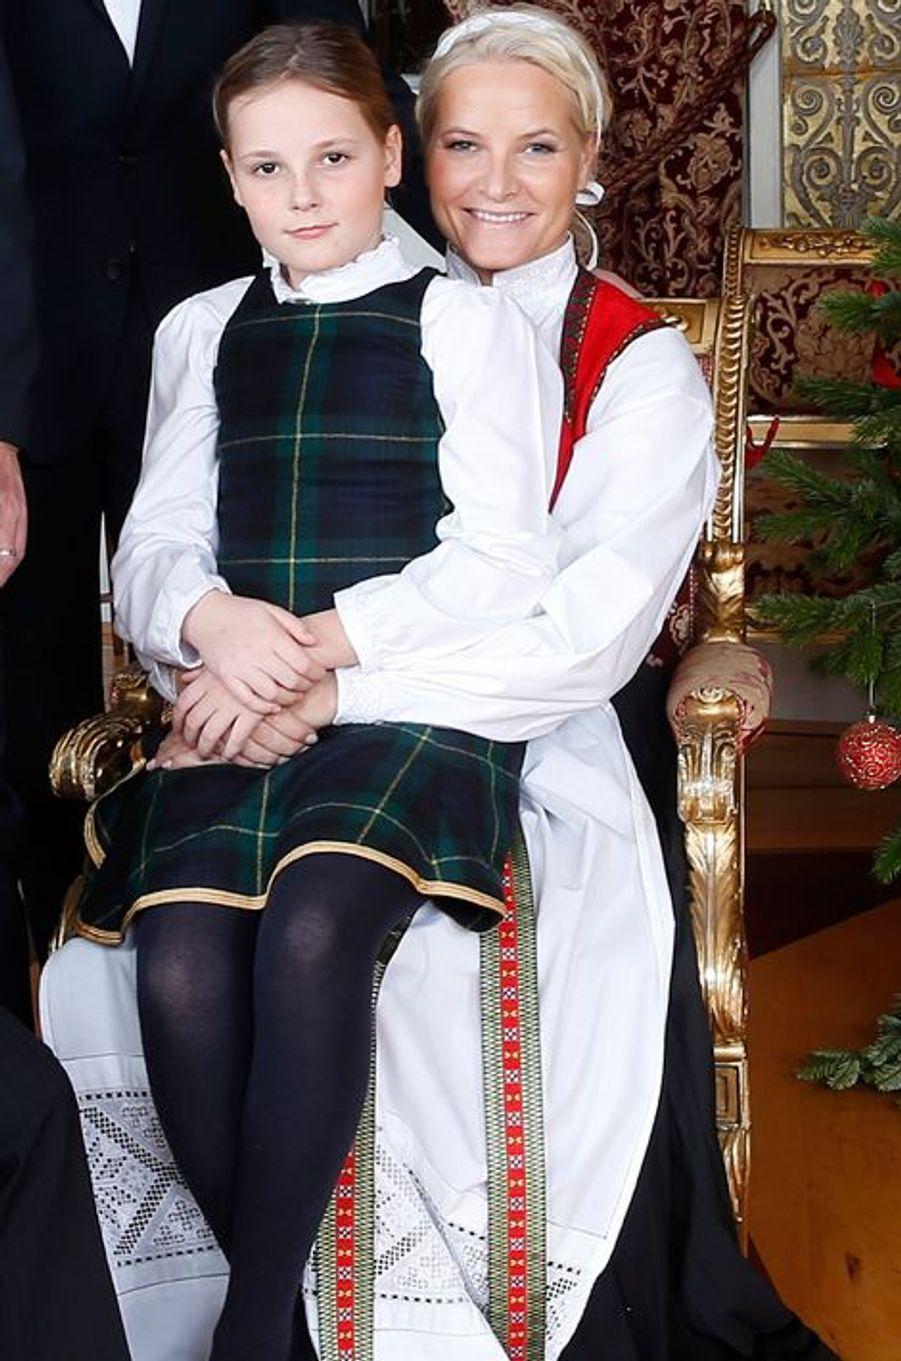 La princesse Mette-Marit et sa fille la princesse Ingrid-Alexandra au Palais royal d'Oslo, le 17 décembre 2014